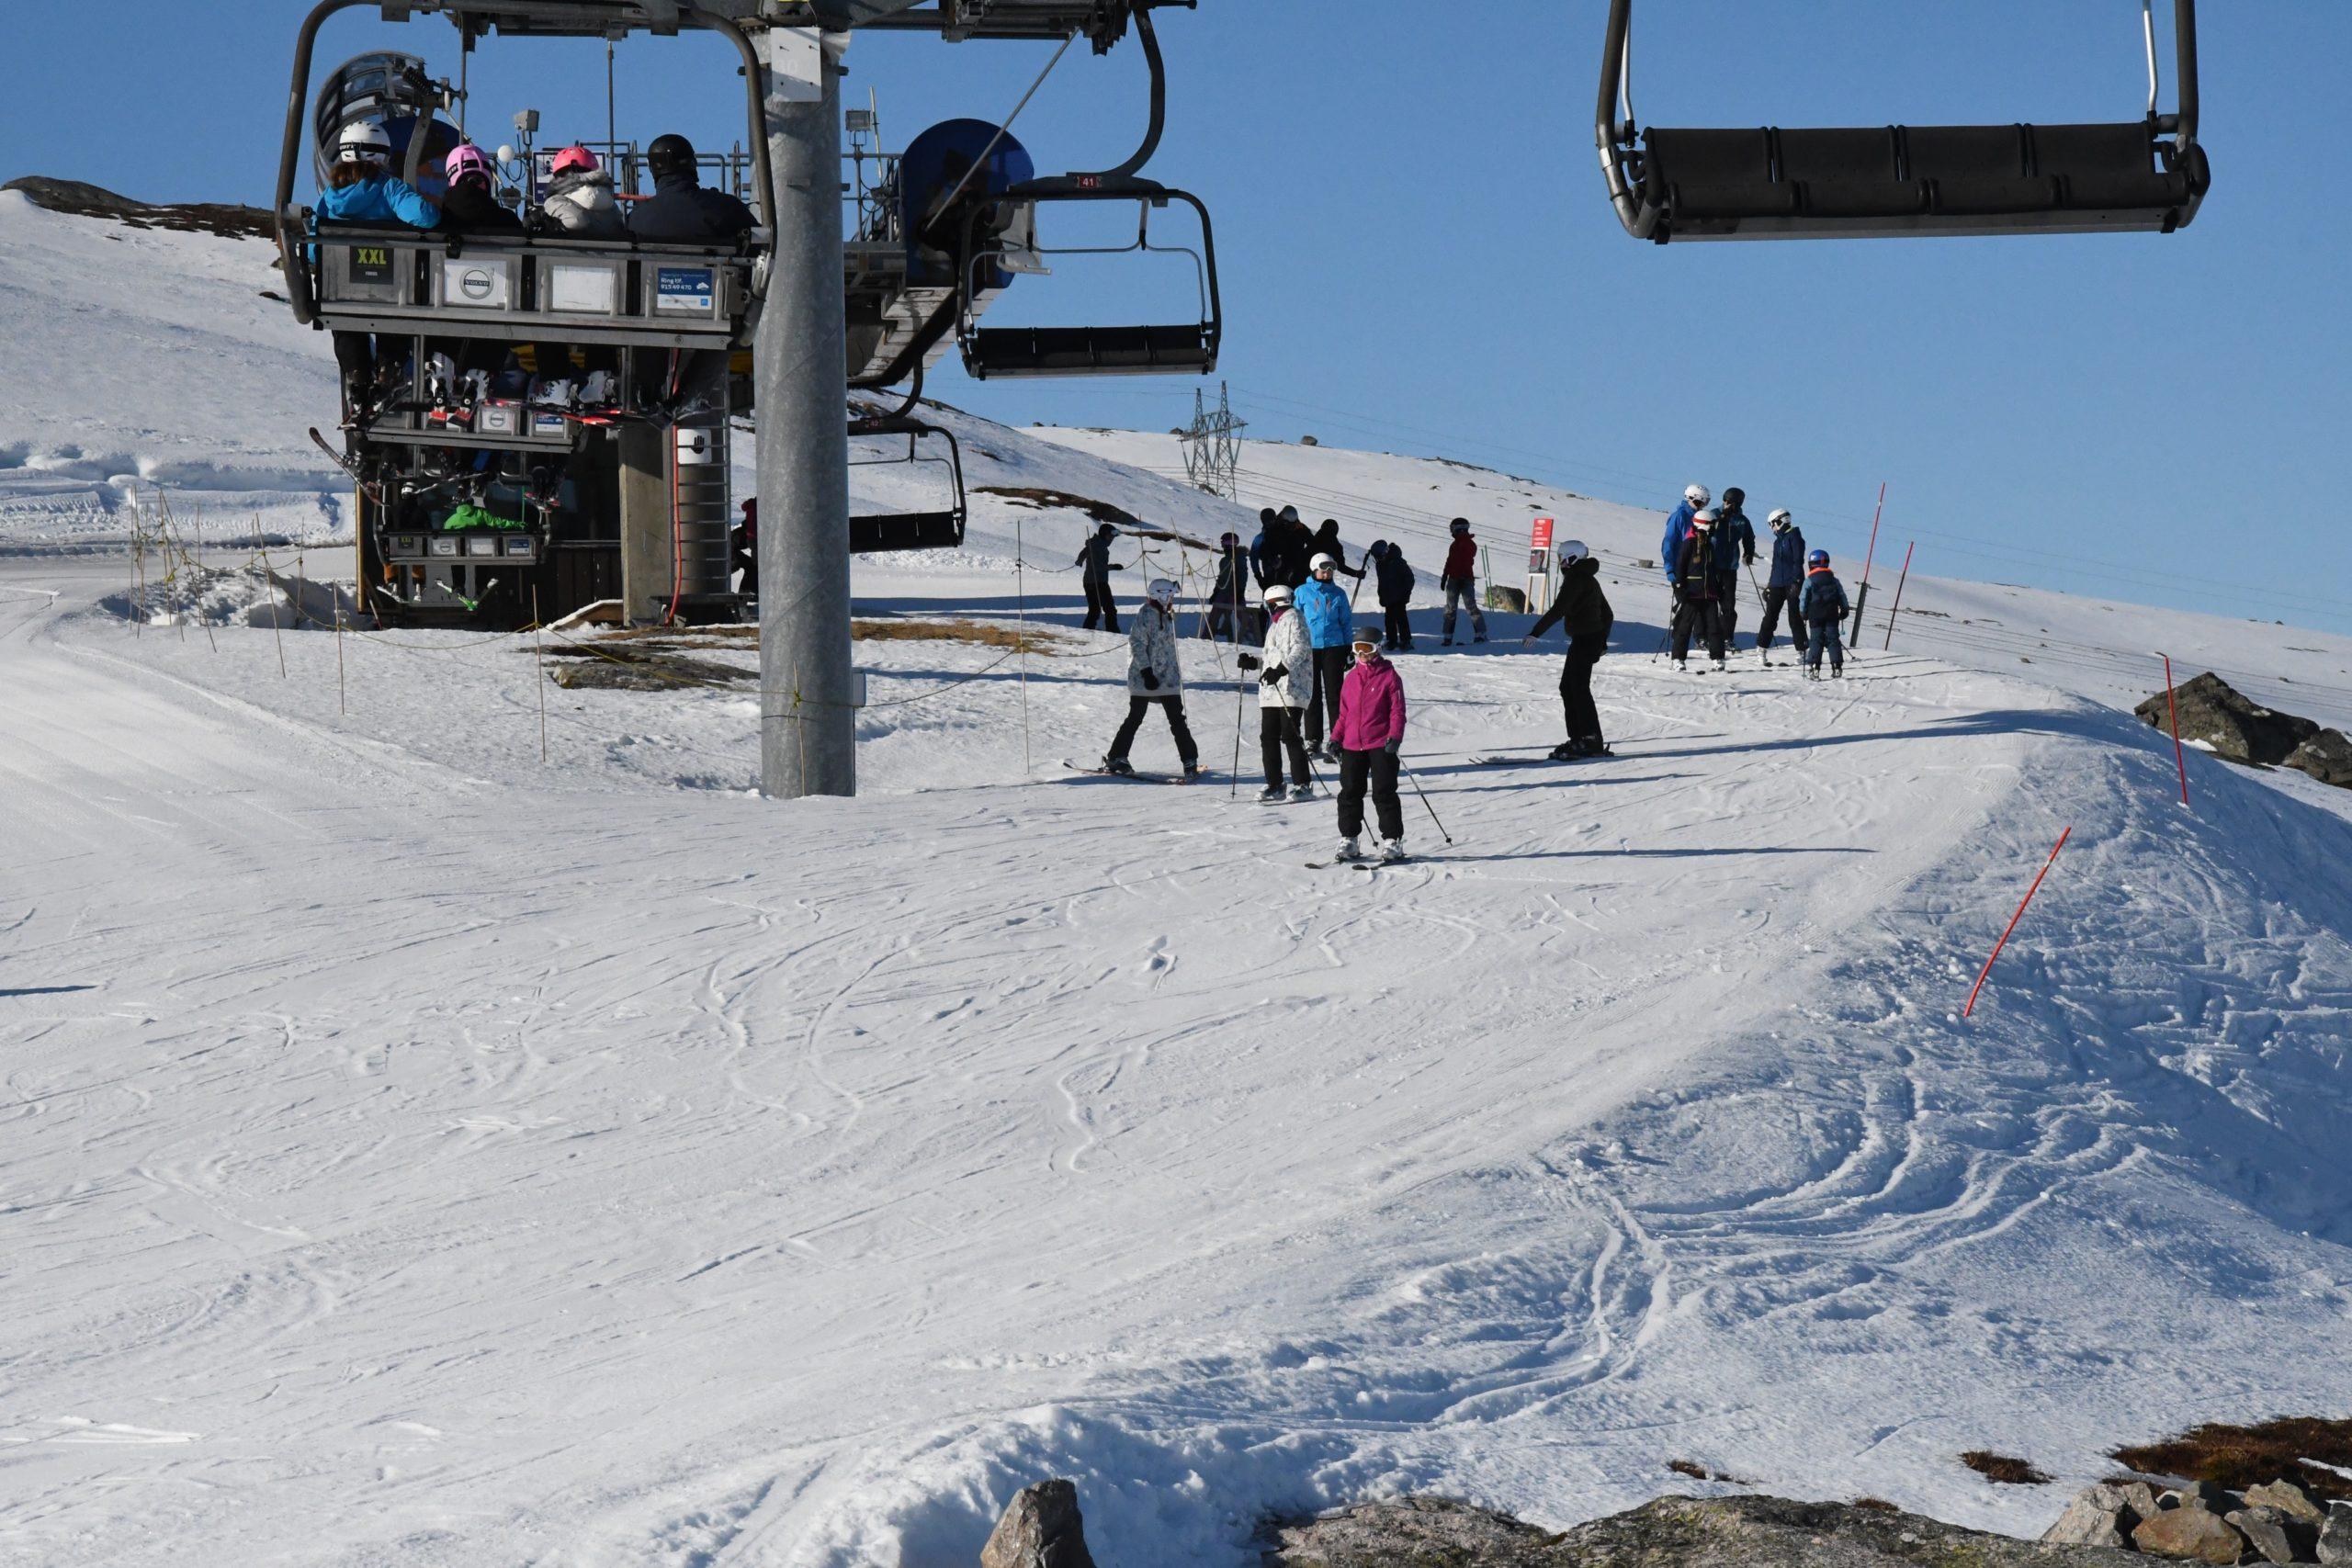 Et bilde som inneholder himmel, utendørs, snø, skiheis  Automatisk generert beskrivelse